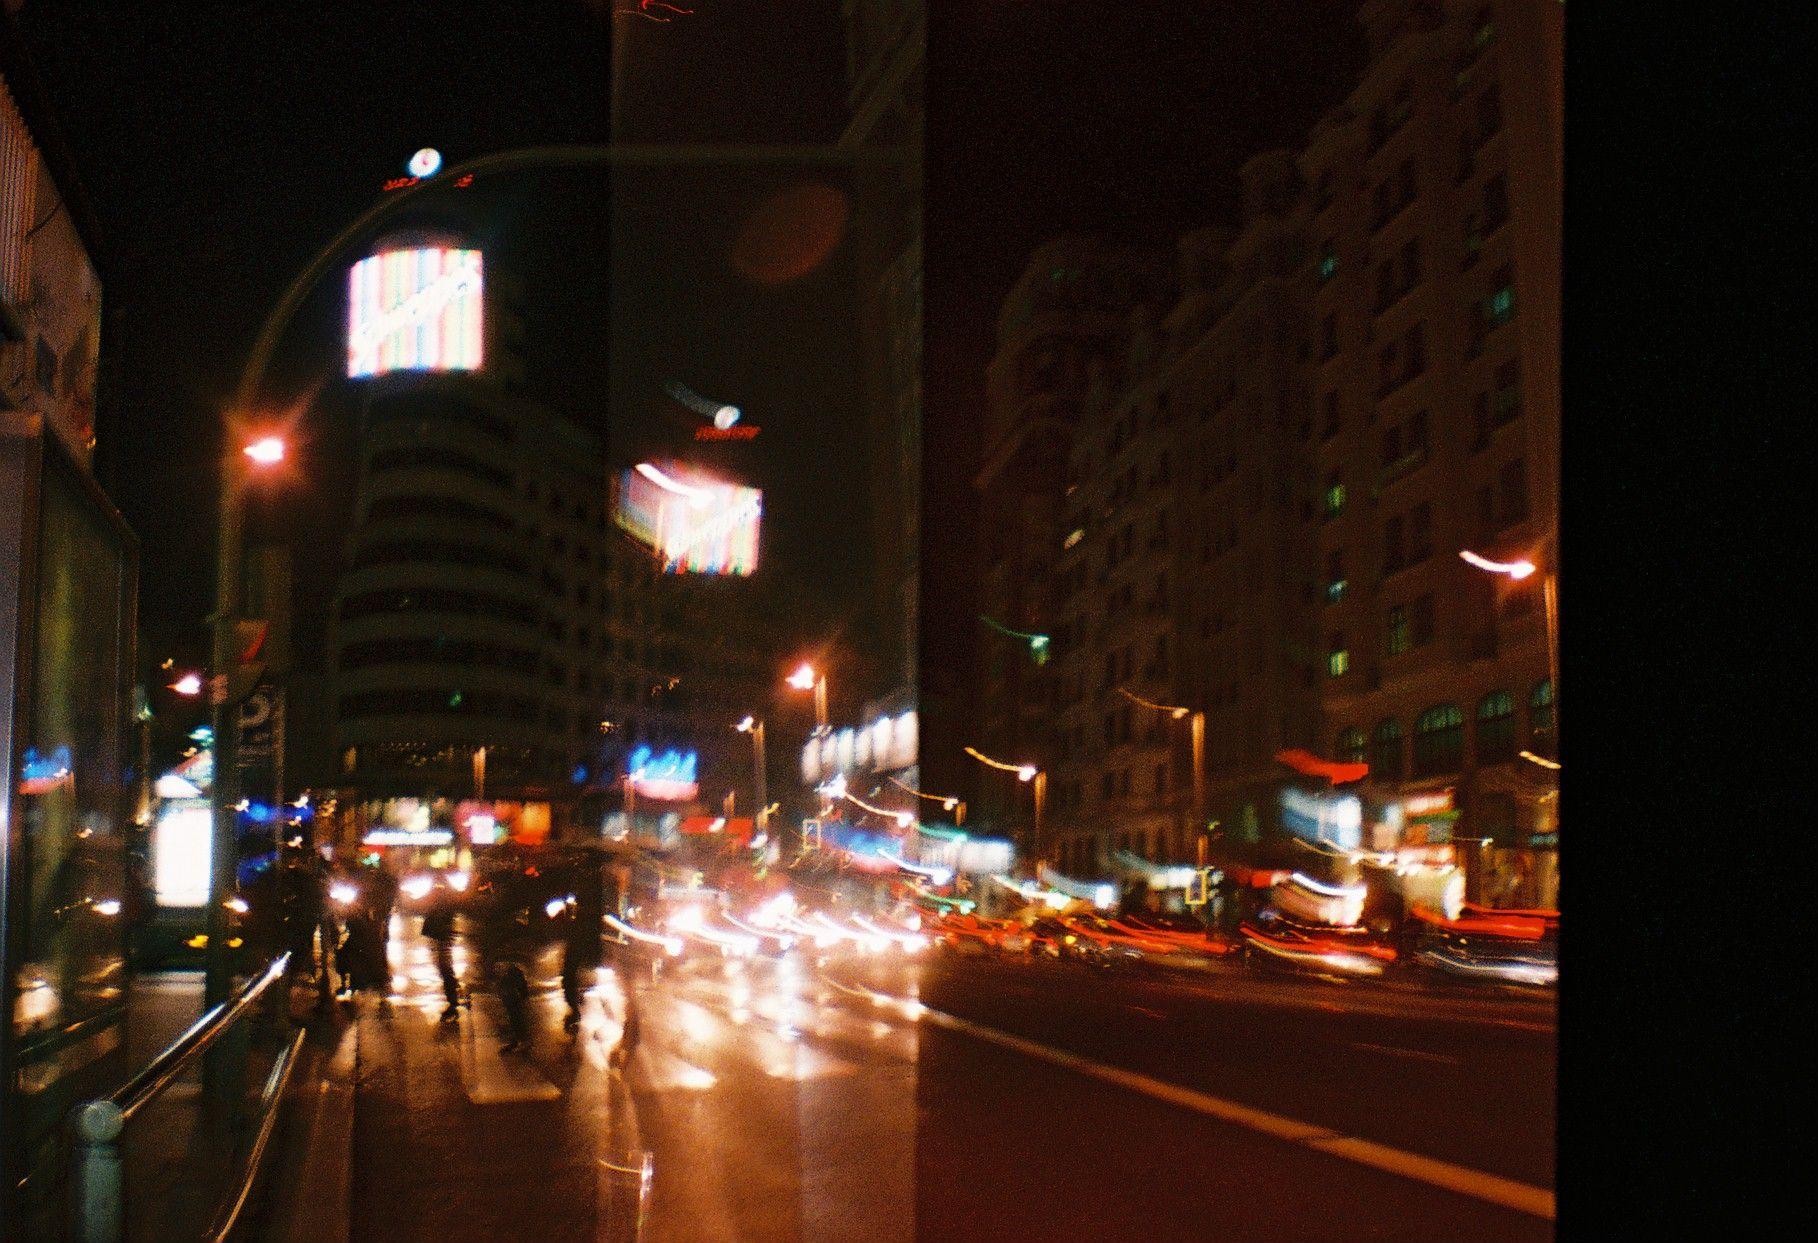 La noche madrileña...